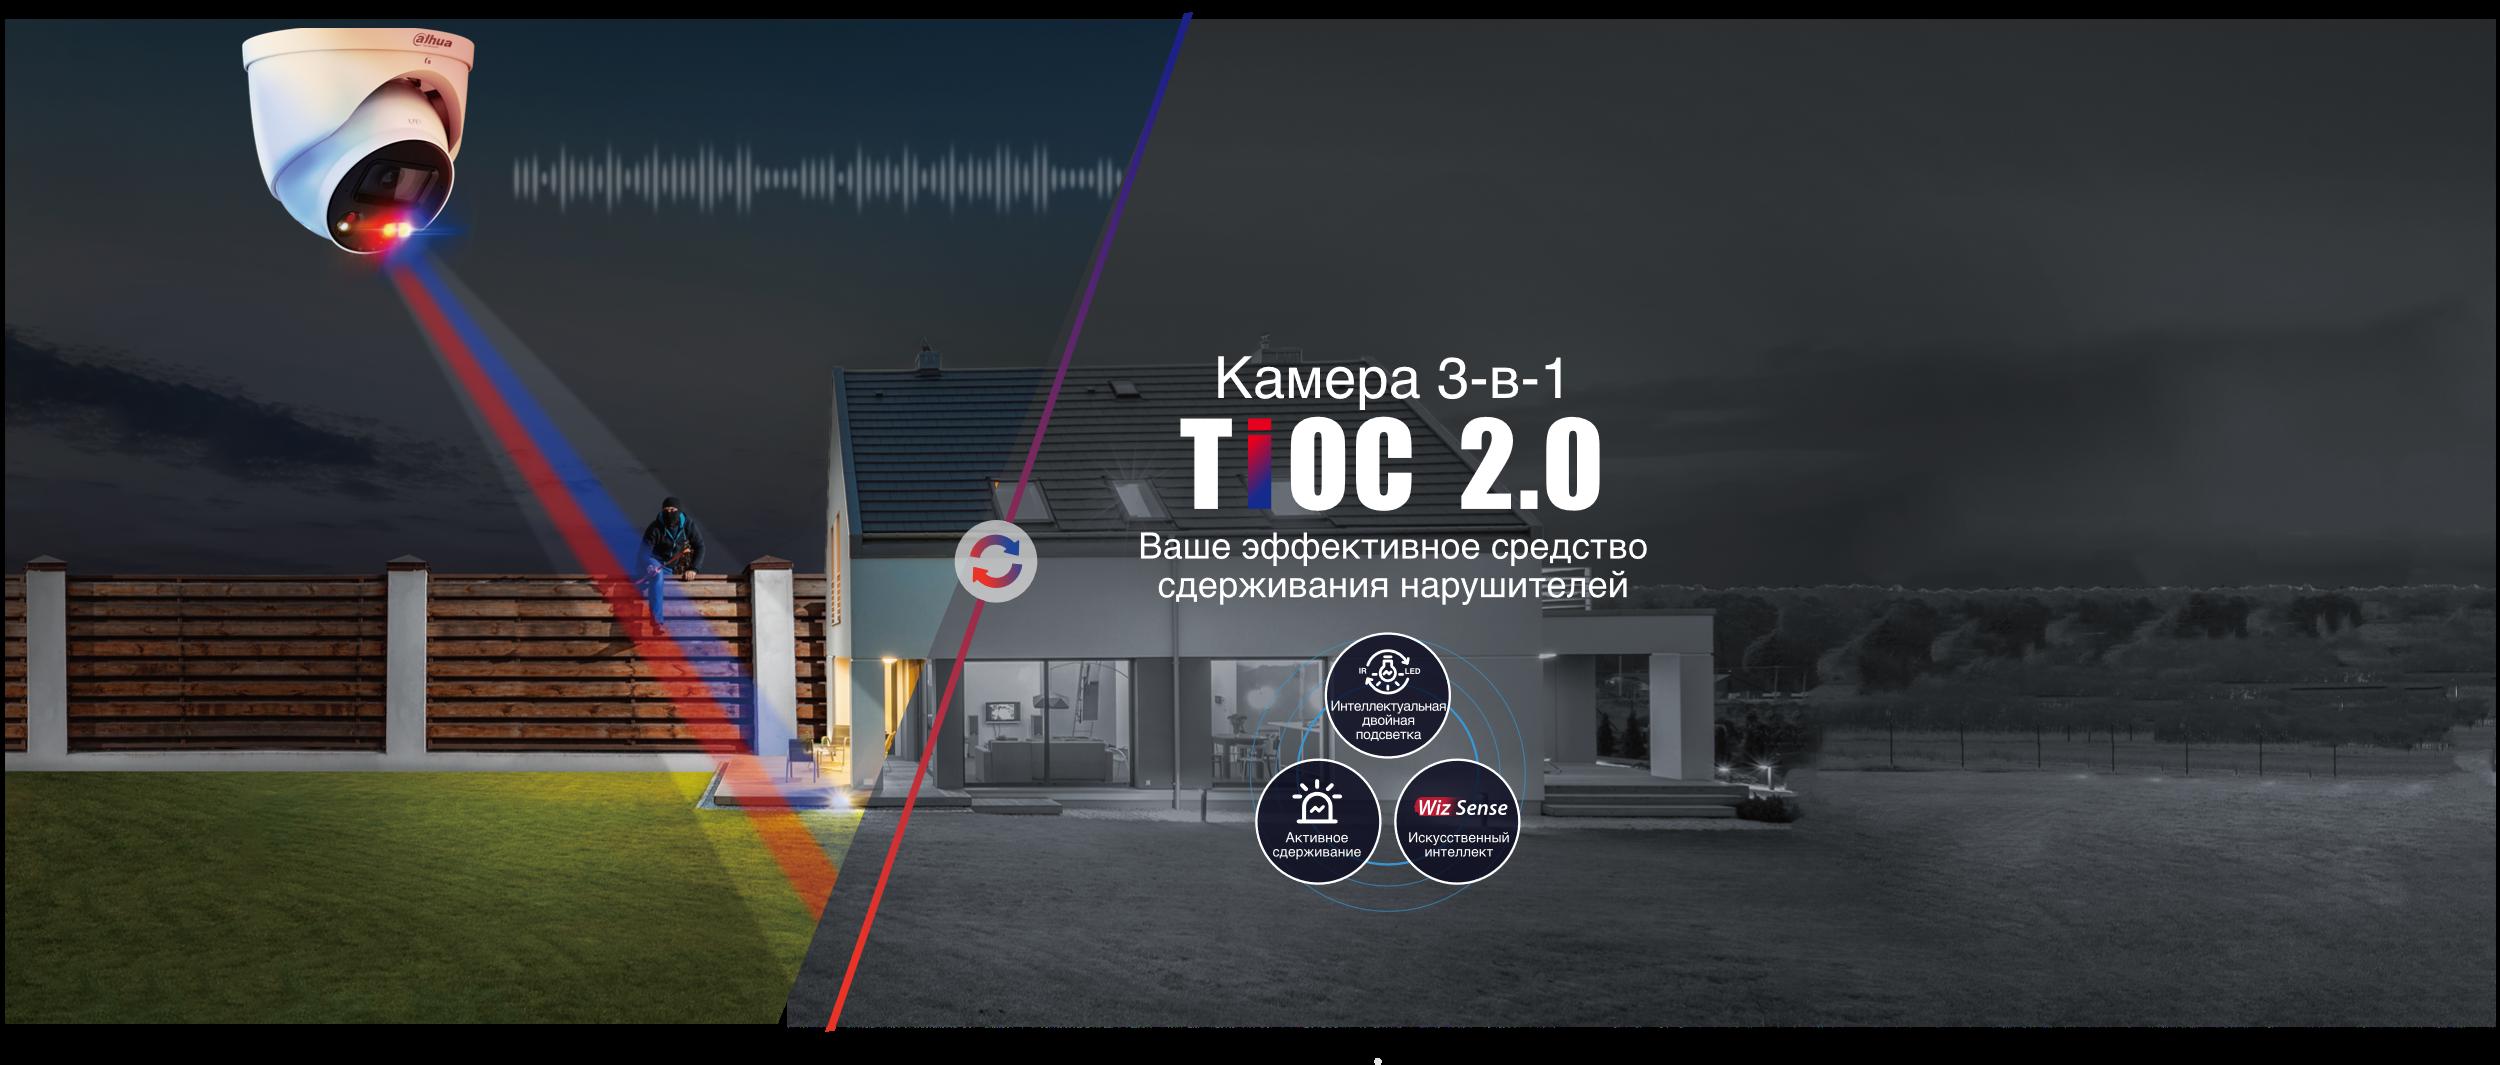 TiOC 2.0 – охранная сигнализация, адаптируемая под ваши потребности